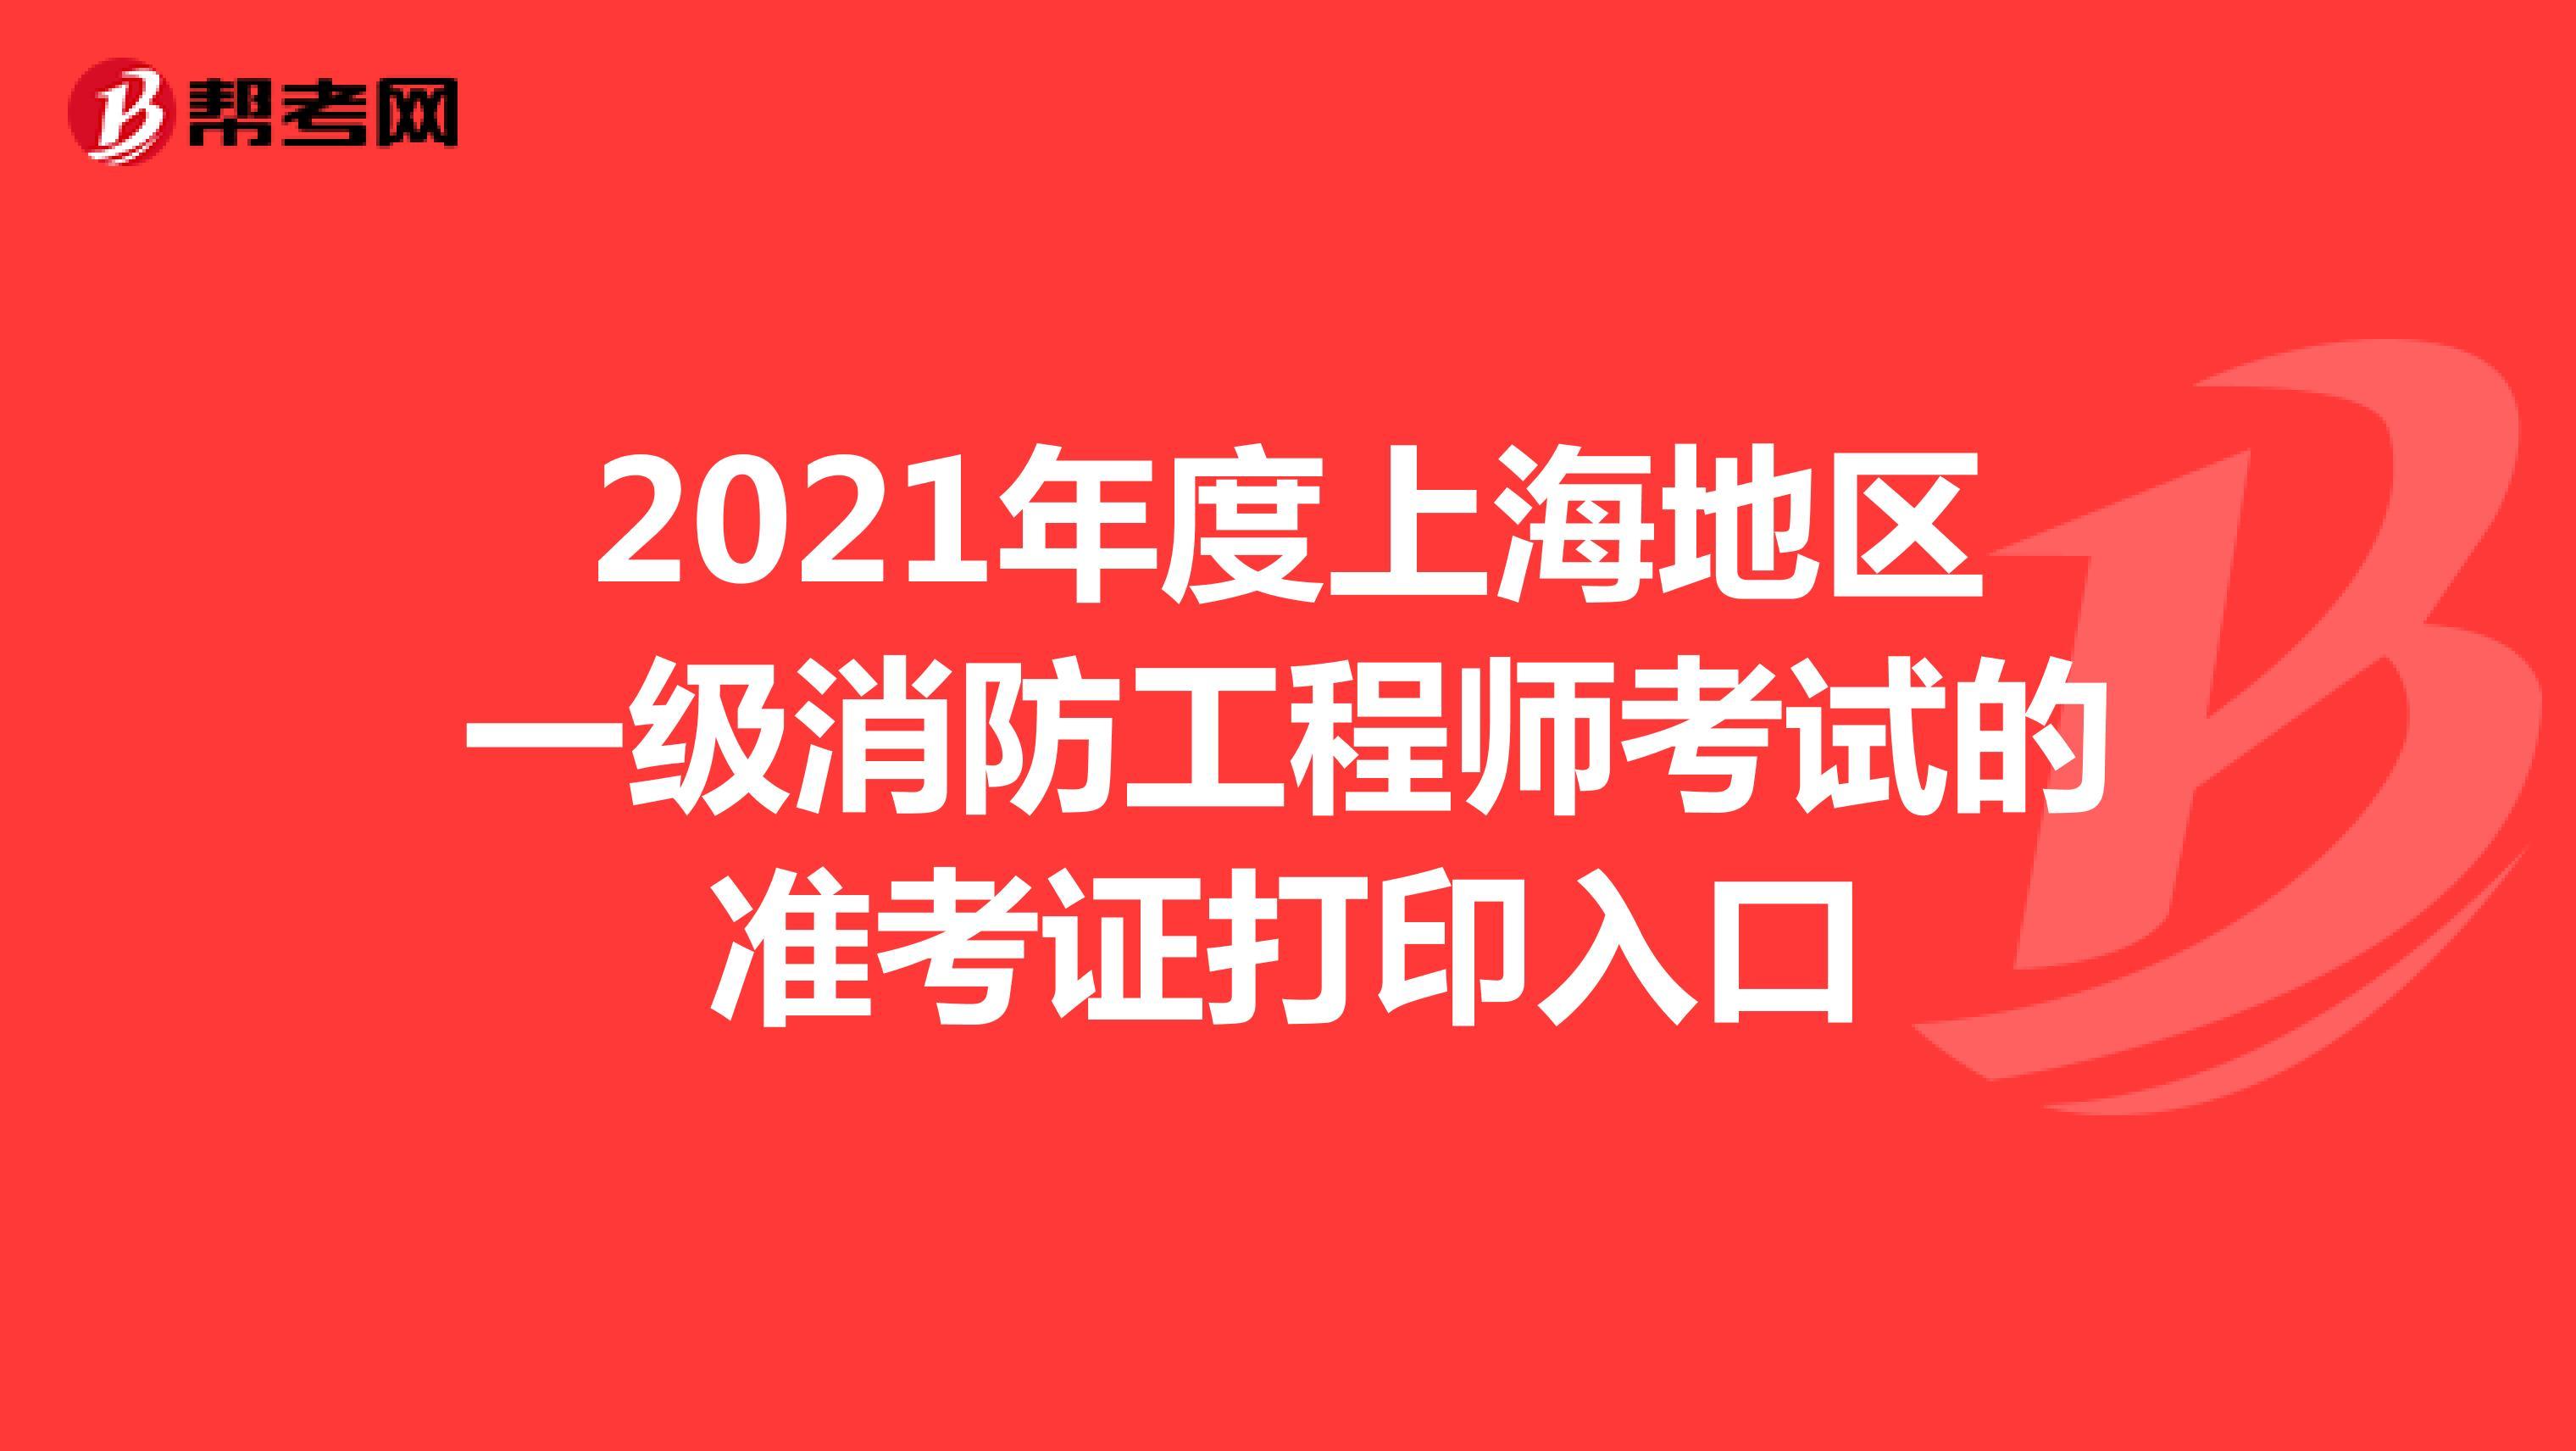 2021年度上海地区一级消防工程师考试的准考证打印入口